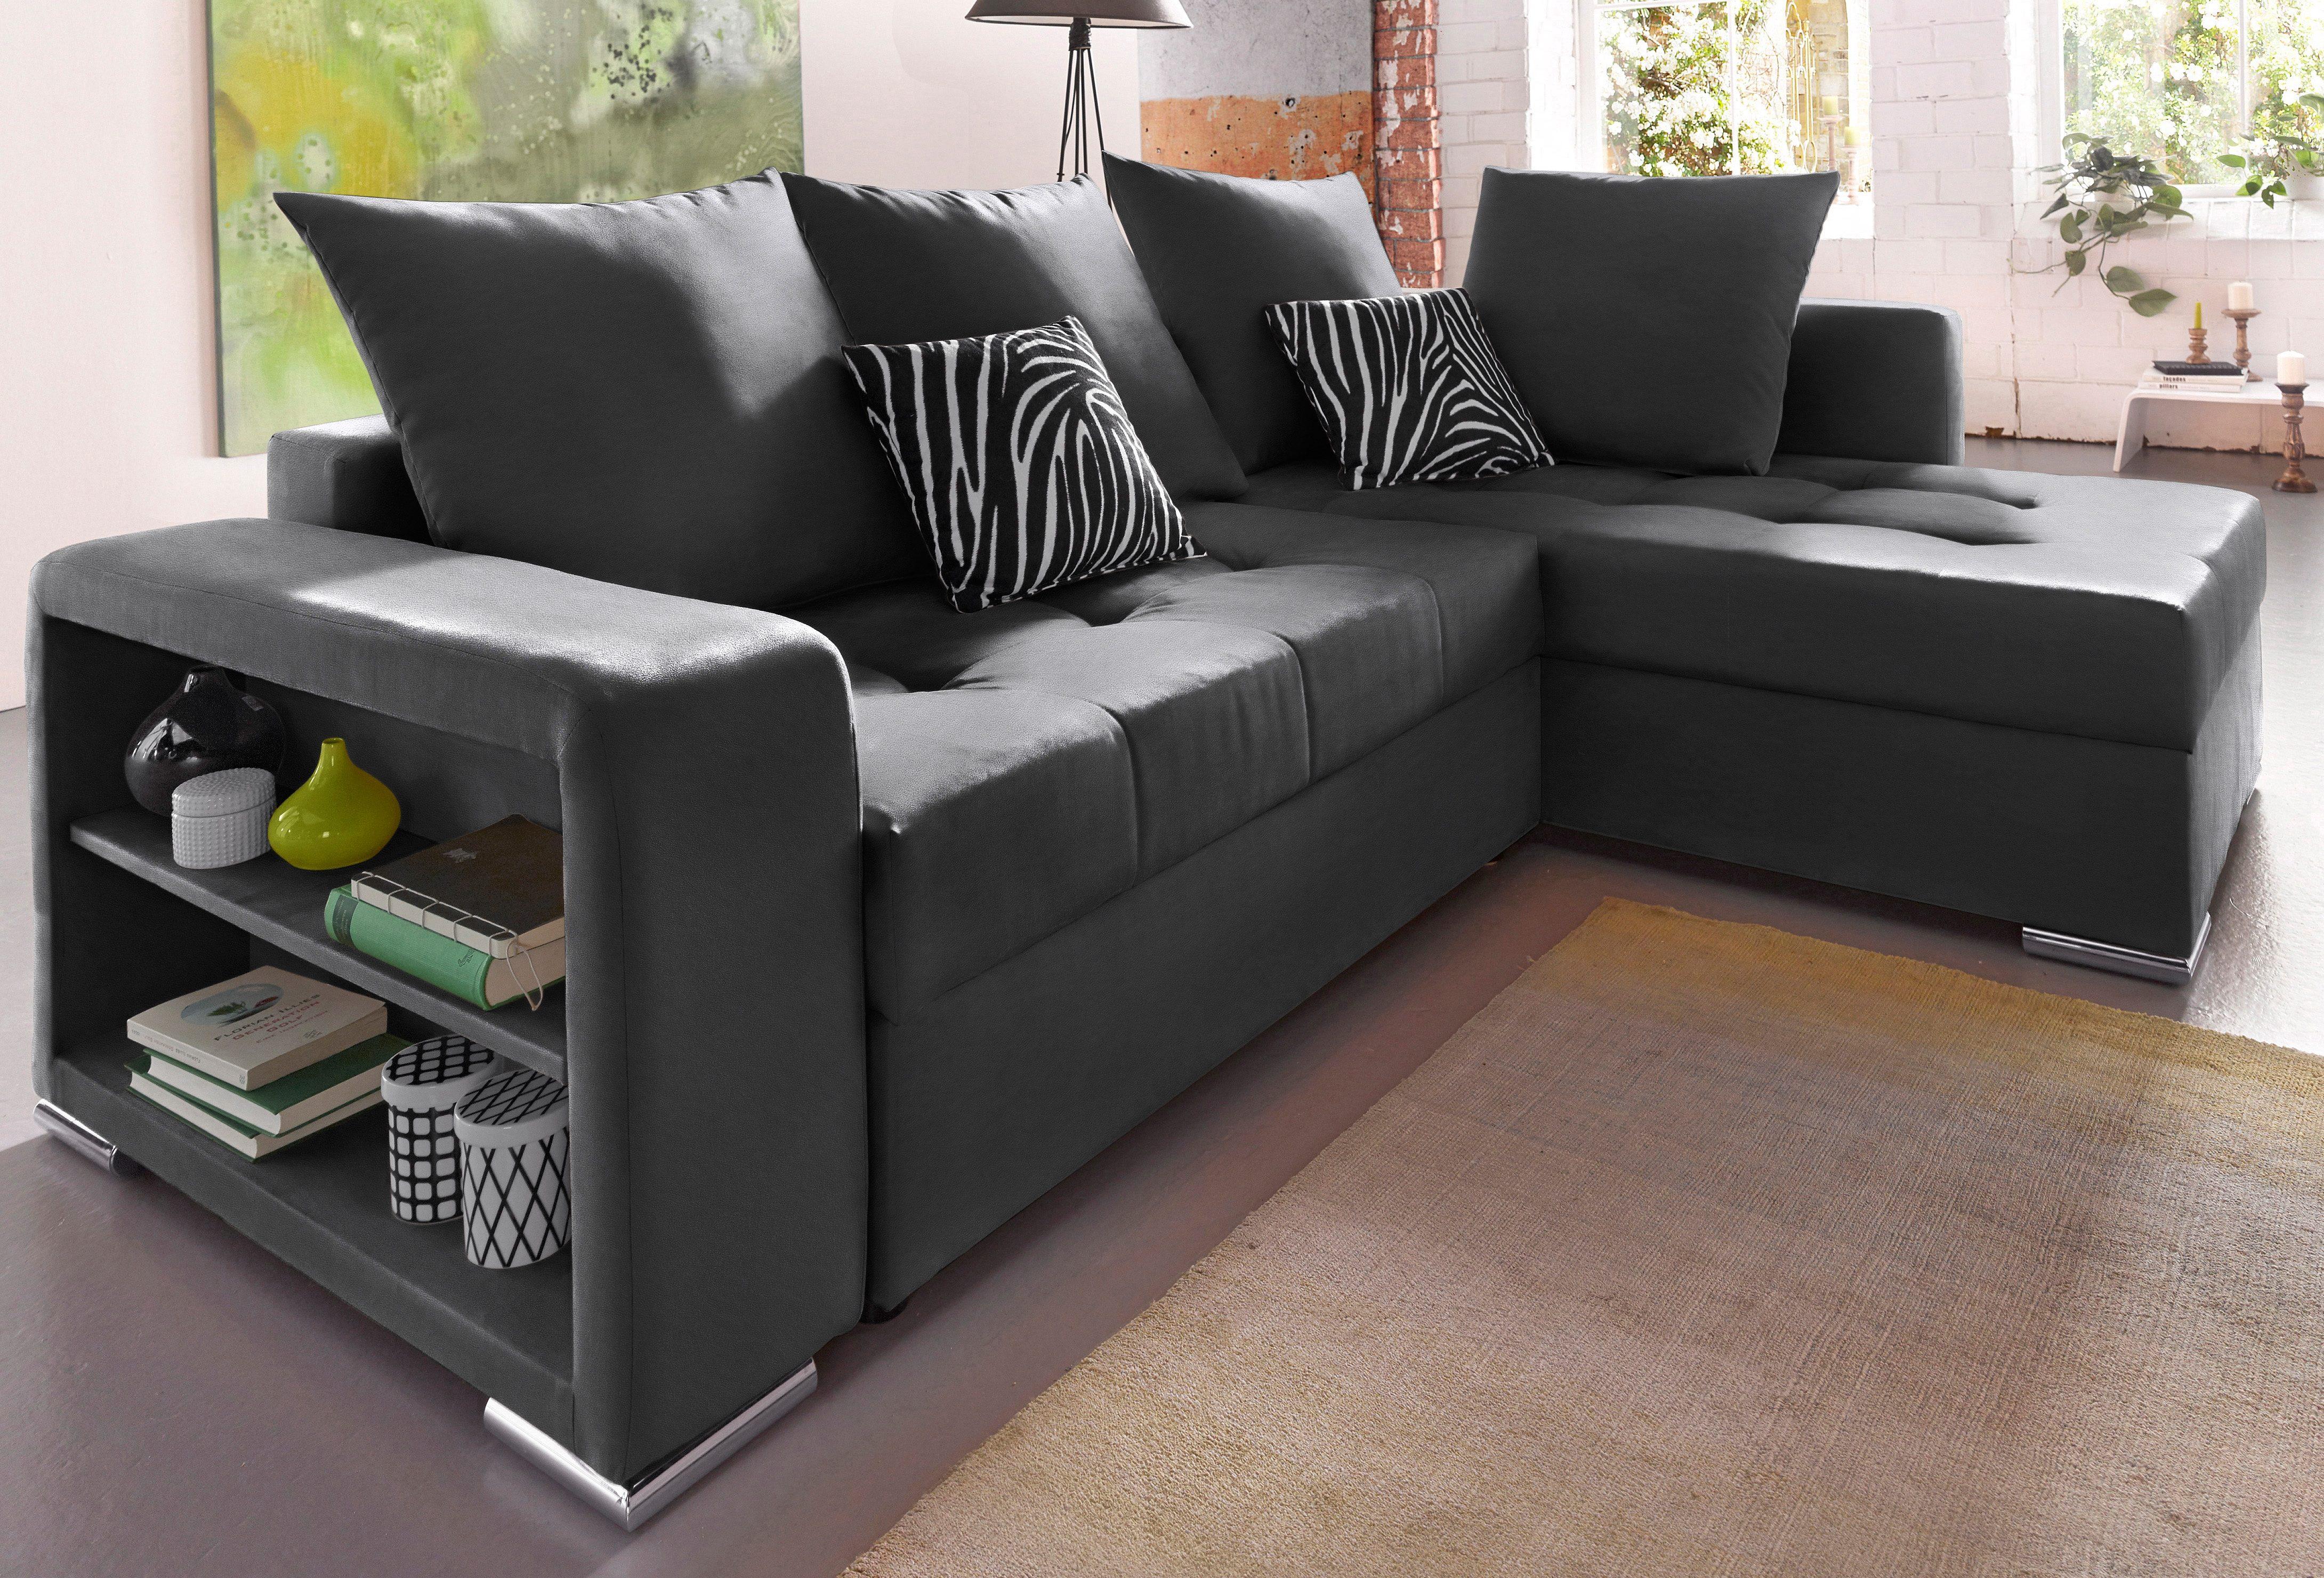 50 sparen polsterecke mit bettfunktion wahlweise mit federkern ab 399 99 cherry m bel. Black Bedroom Furniture Sets. Home Design Ideas